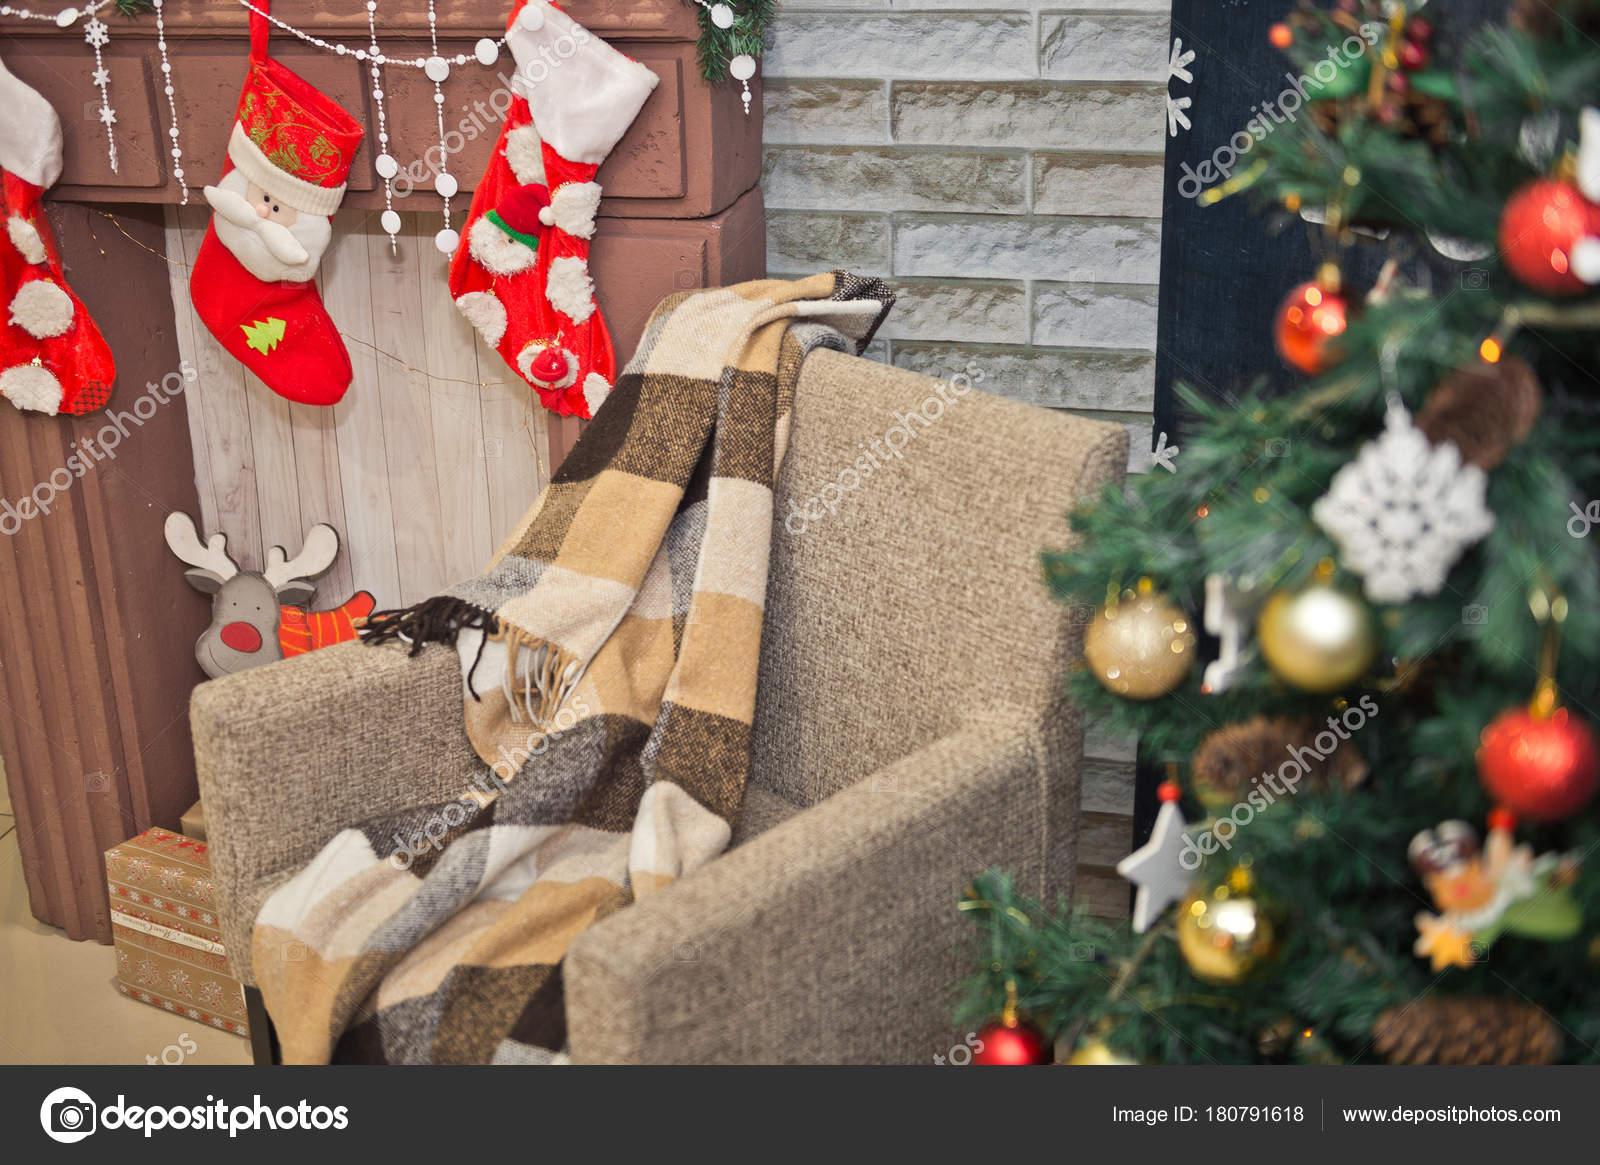 Weihnachtsbilder Kamin.Gemütliche Ecke Für Weihnachtsbilder Auf Der Mall 329 Stockfoto